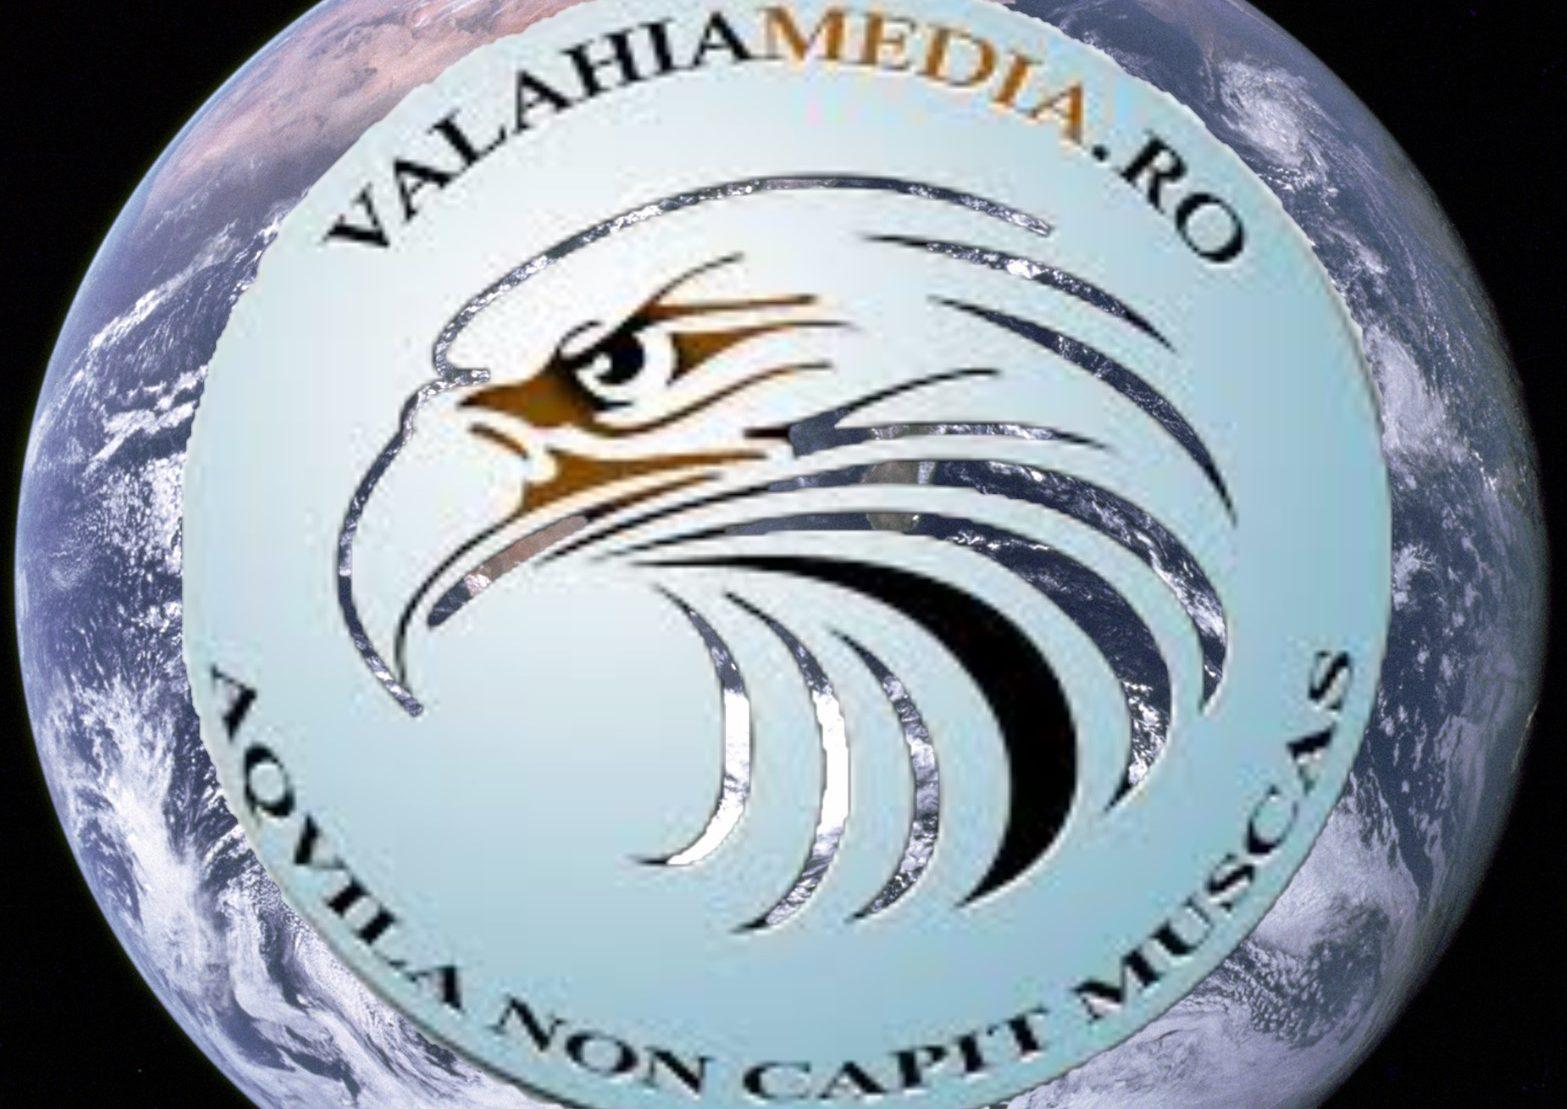 Valahia Media